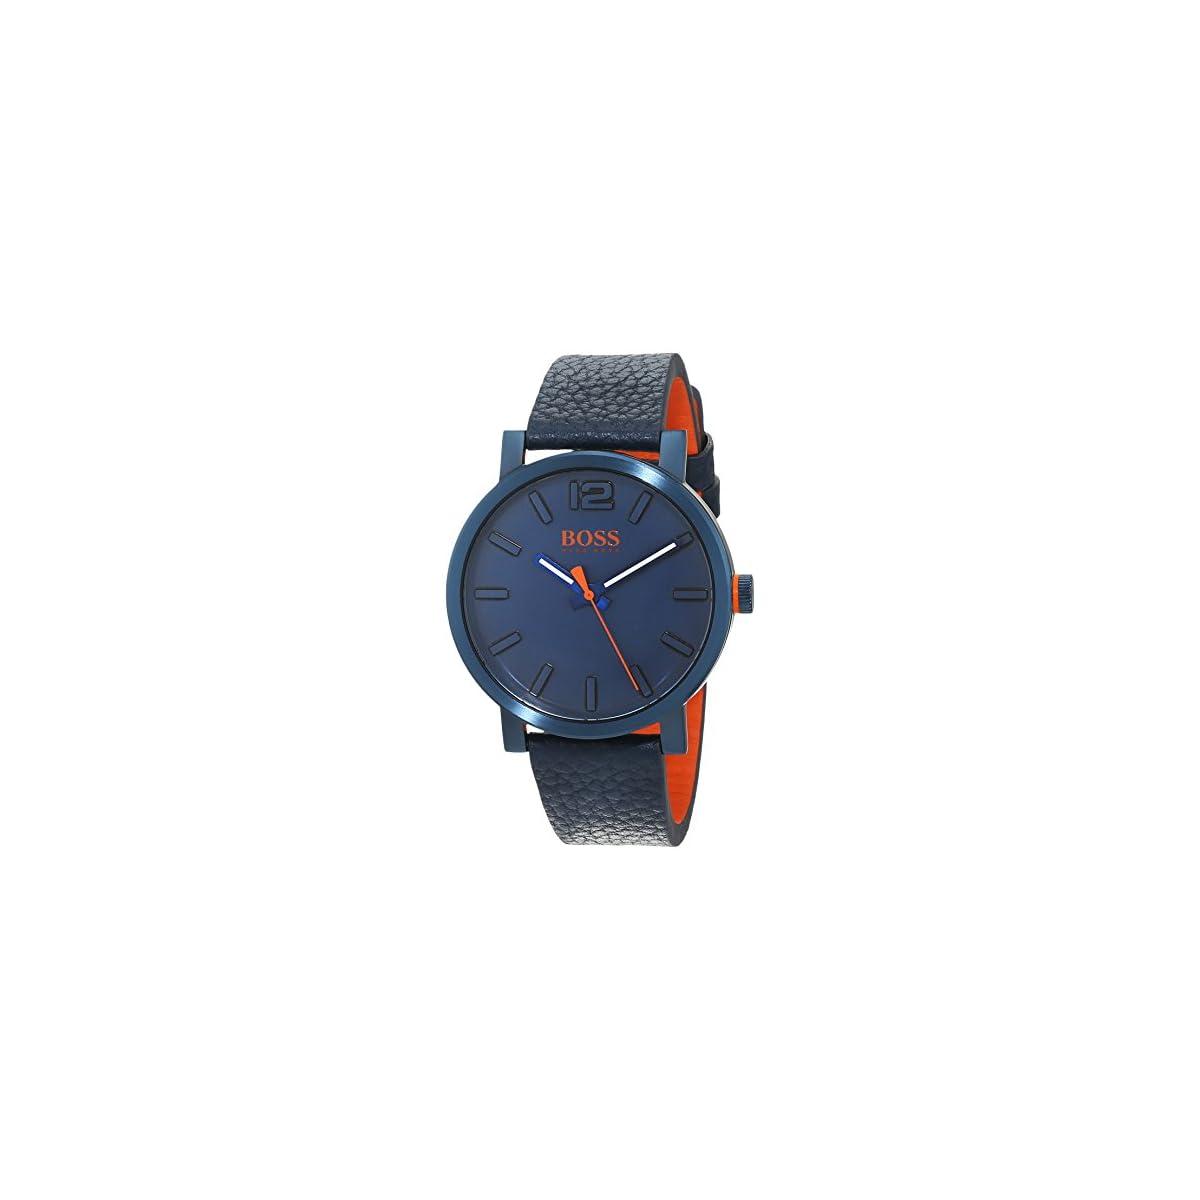 41ntRRgxRqL. SS1200  - Hugo Boss Orange Reloj Análogo clásico para Hombre de Cuarzo con Correa en Cuero 1550039